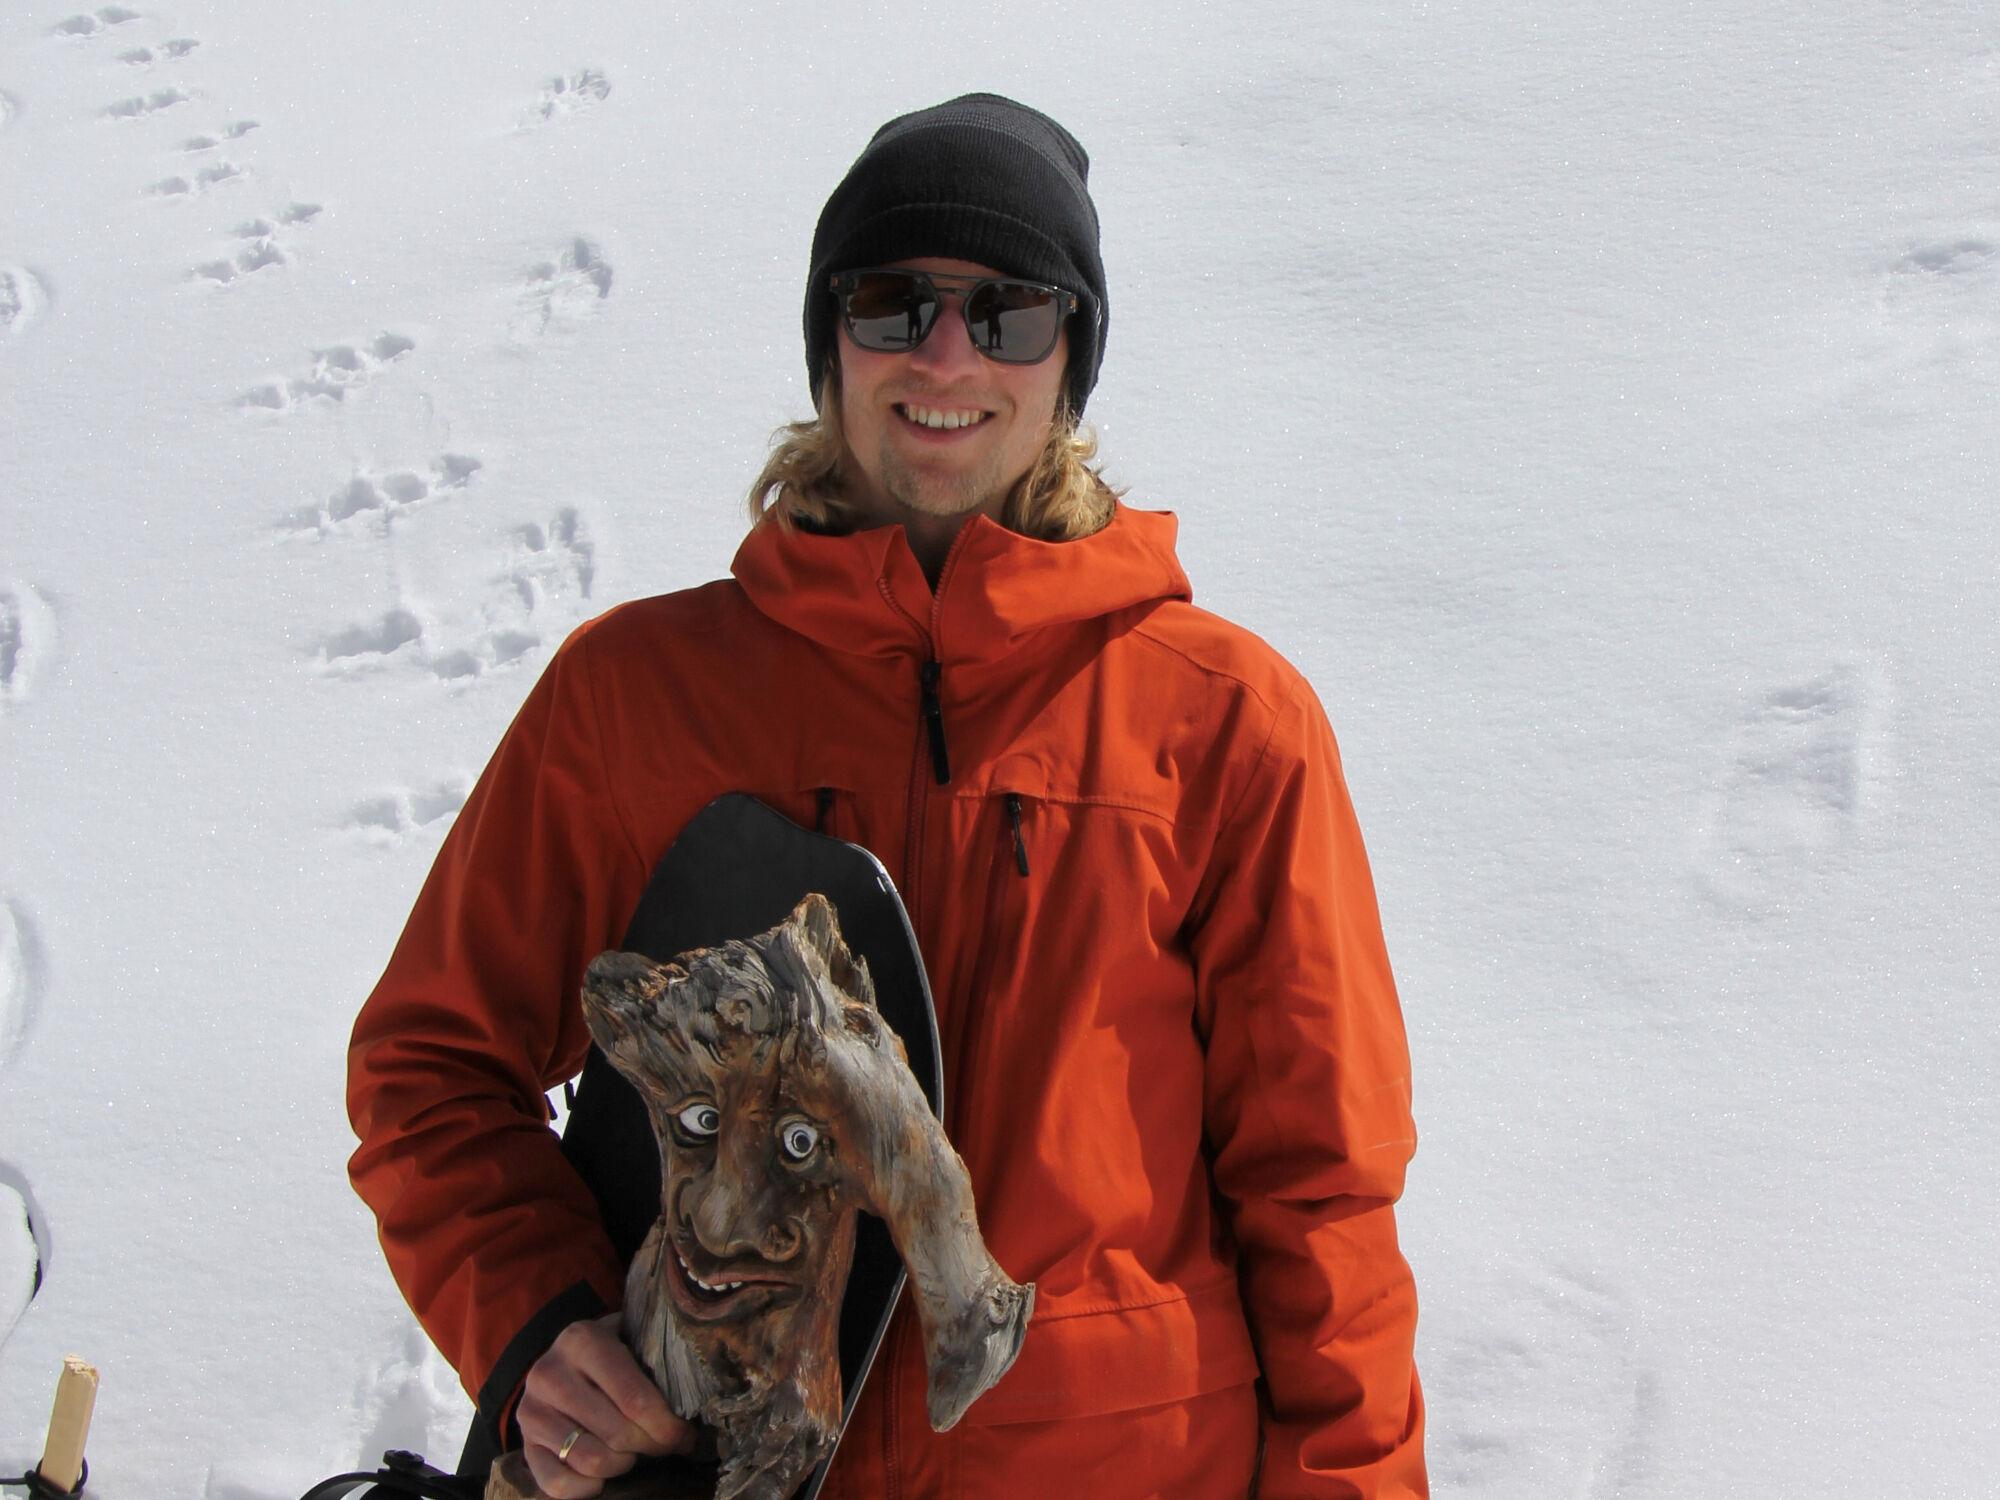 Snowboard-Sieger Tobias Fieg